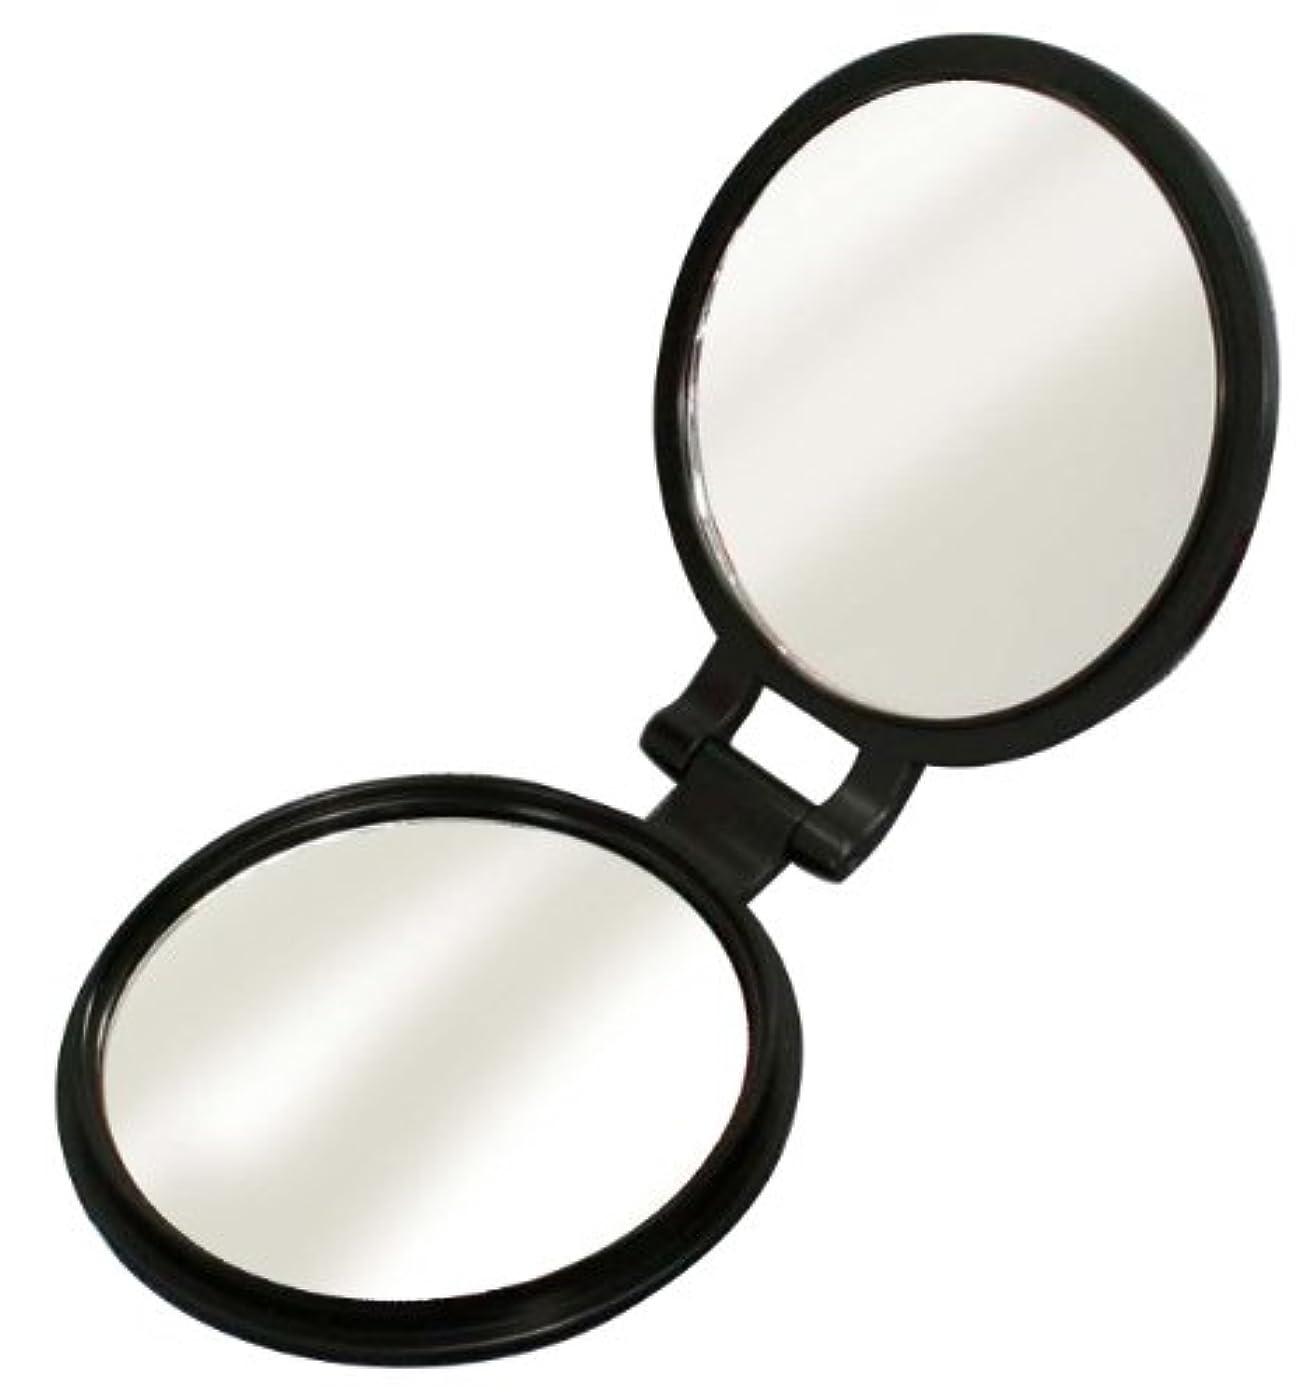 有効雄弁家また明日ね10倍拡大鏡付き 両面コンパクトミラー YL-10